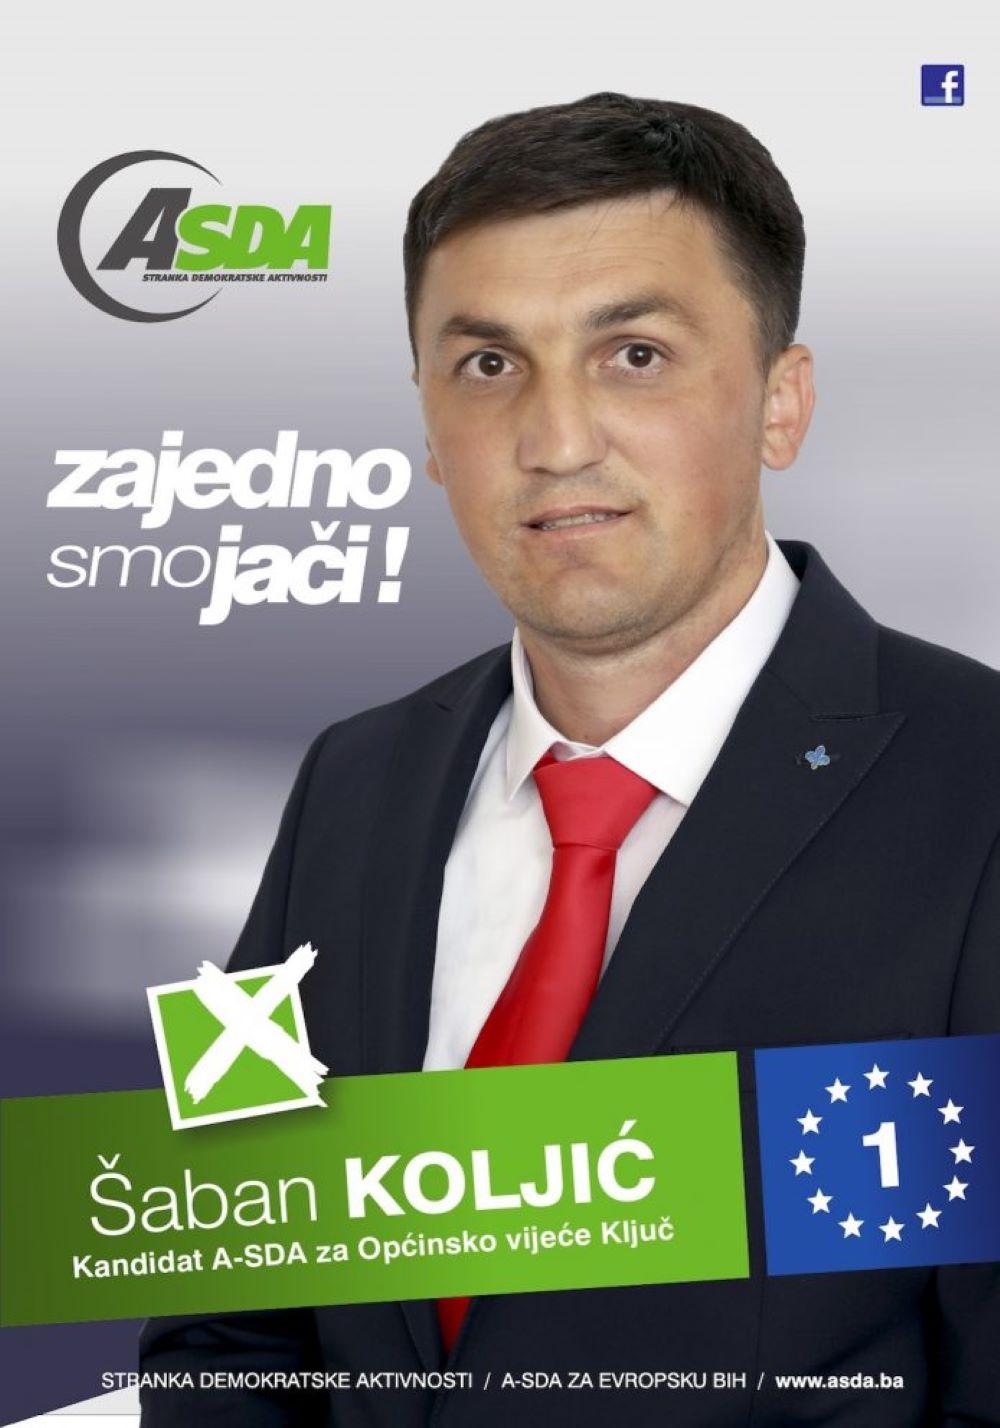 Šaban Koljić